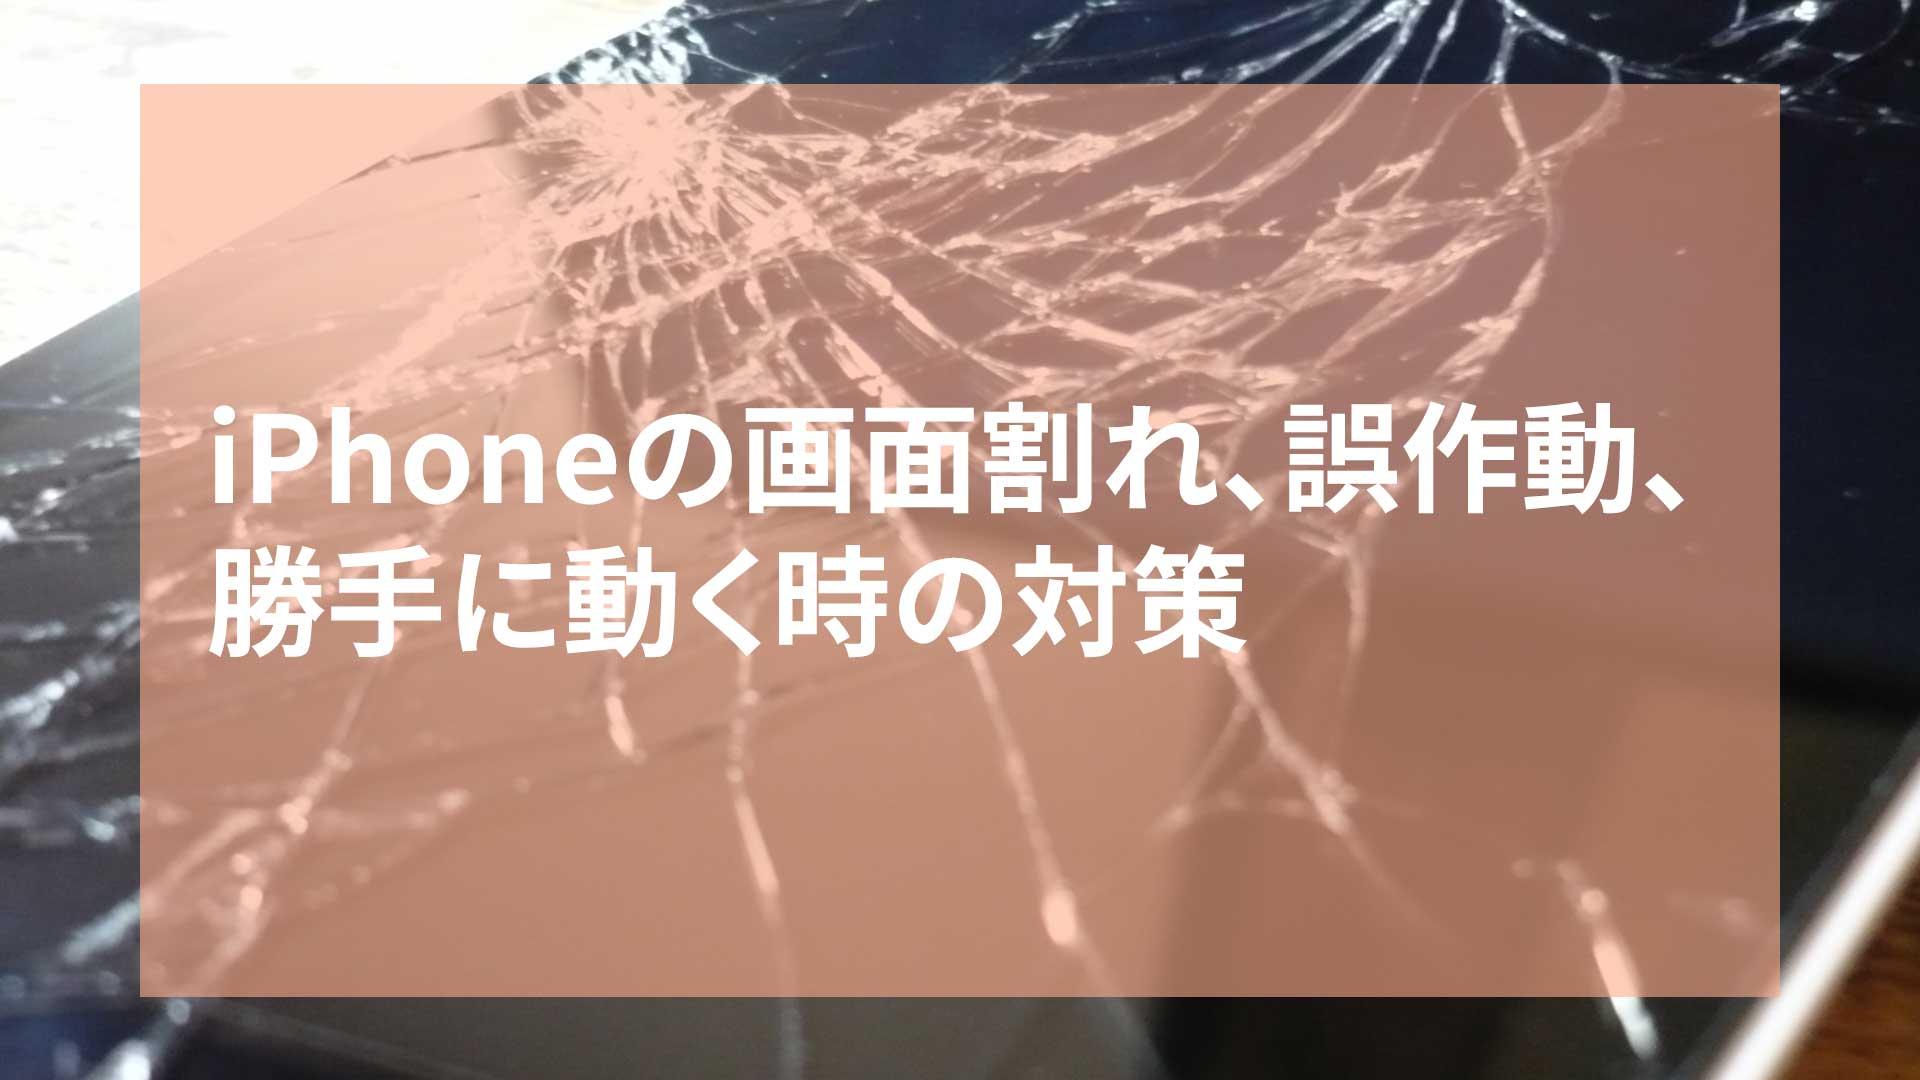 Iphoneの画面割れ 誤作動 勝手に動く時の対策 Justincase